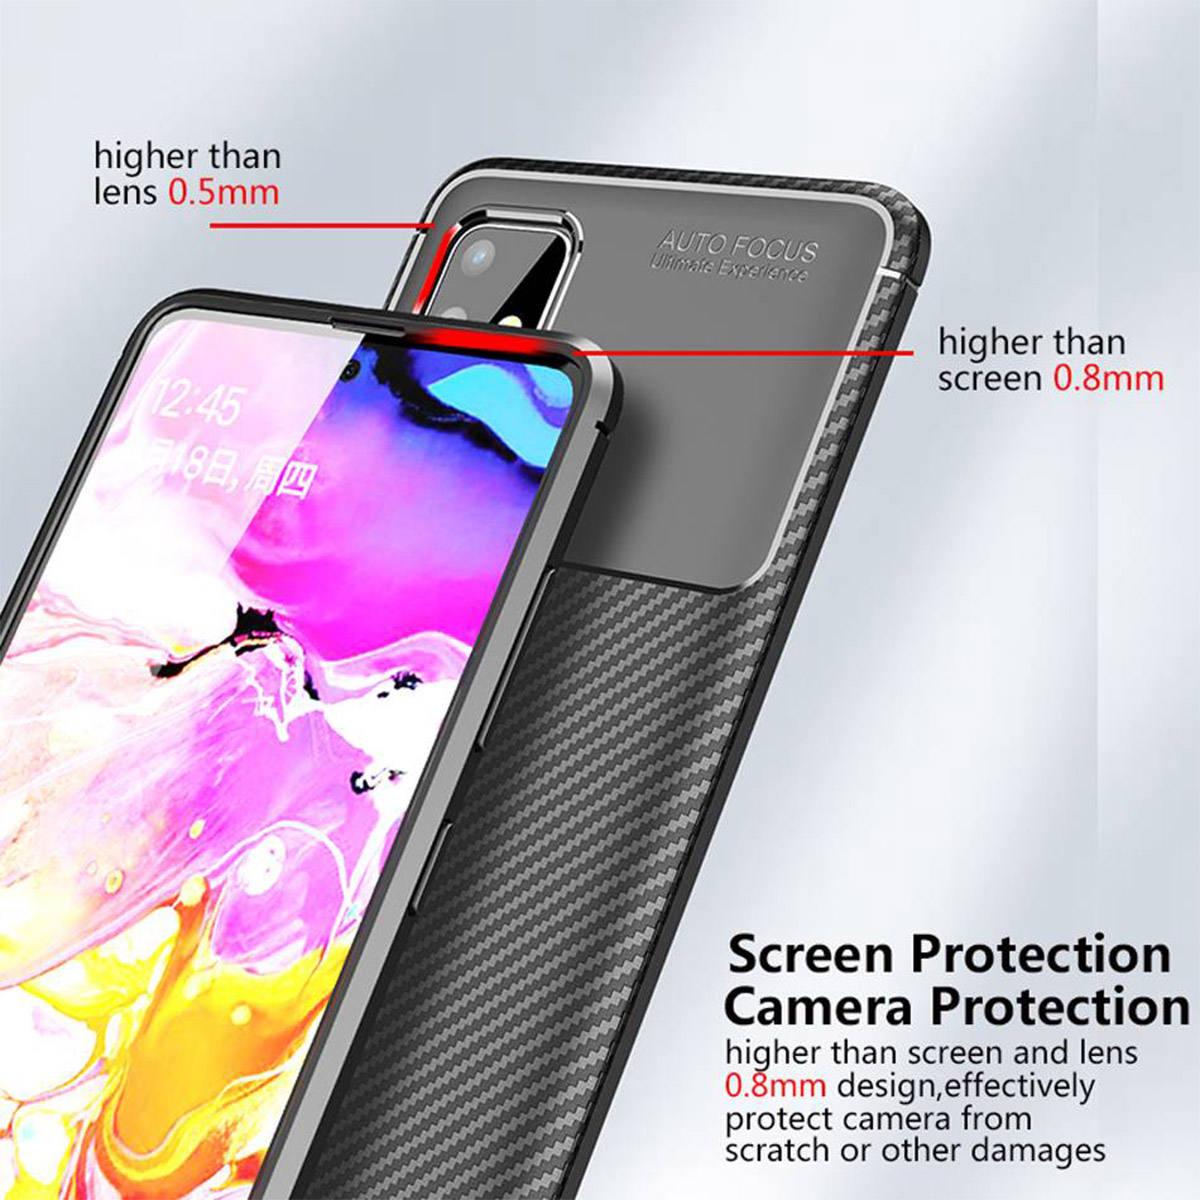 کاور لاین کینگ مدل A21 مناسب برای گوشی موبایل سامسونگ Galaxy A71 thumb 2 22